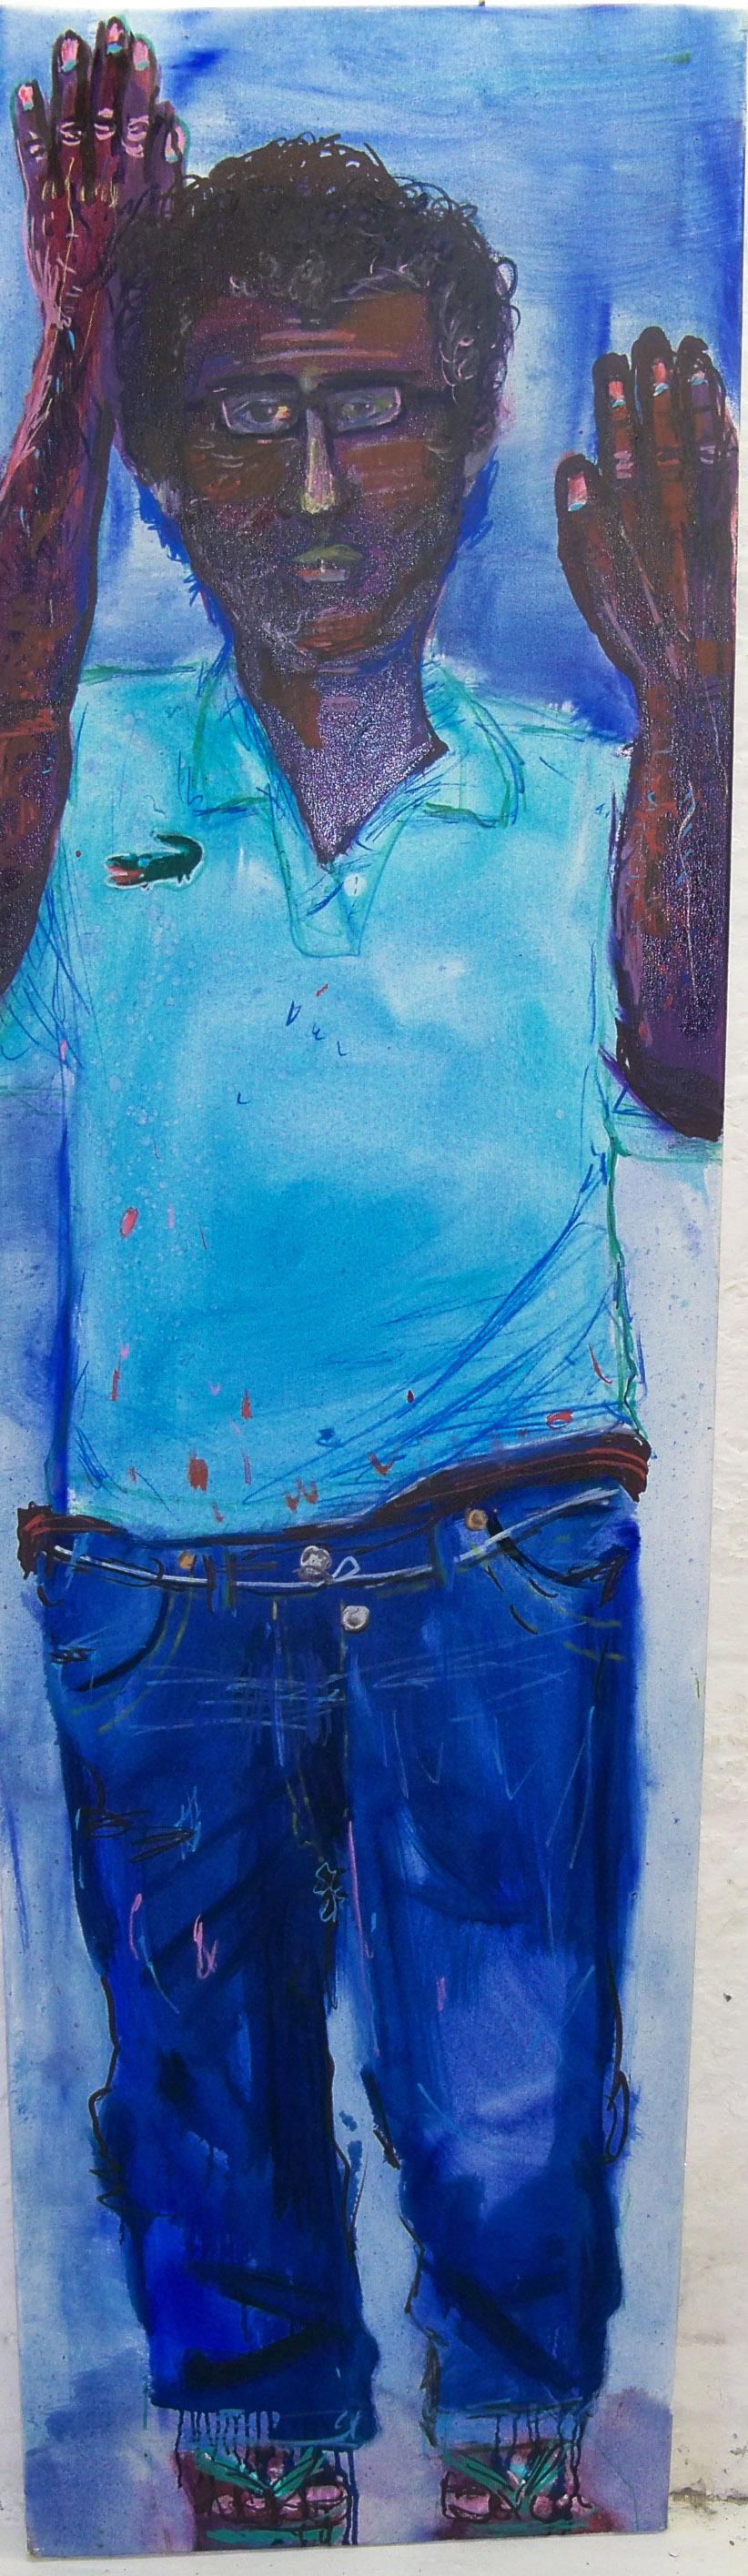 Joffe, Blue Jasper, 2m x 55cm.jpg